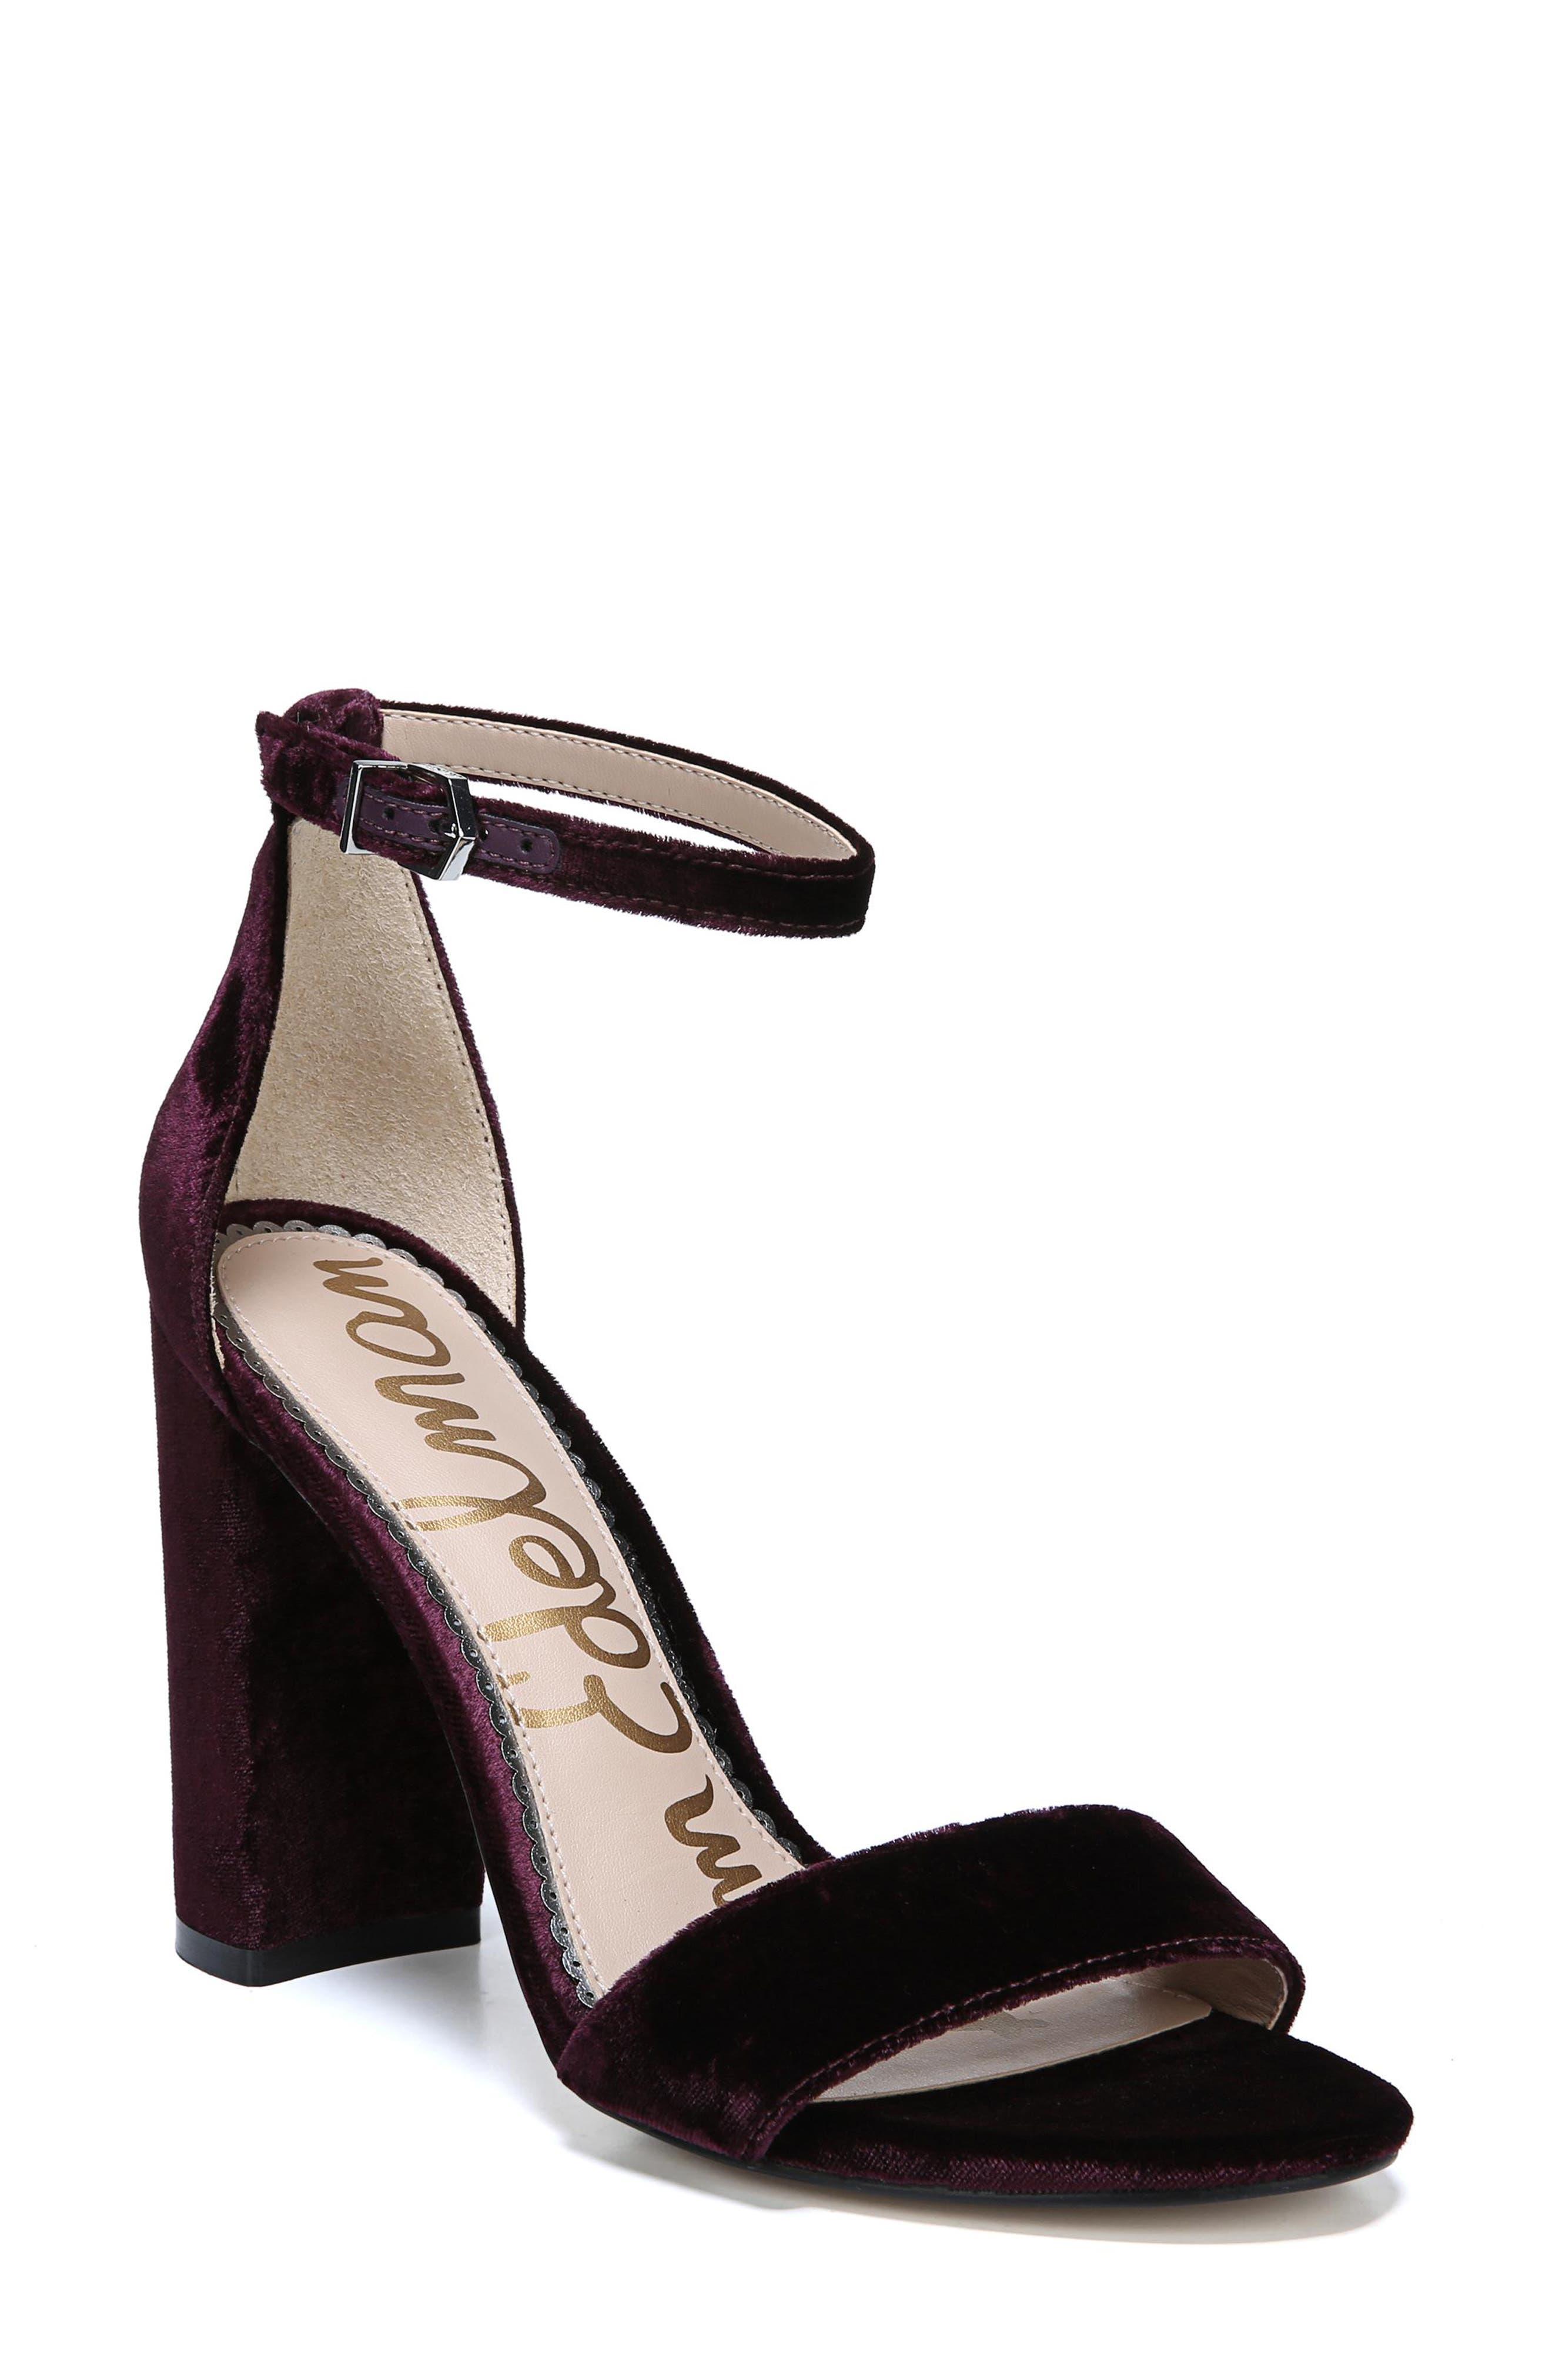 SAM EDELMAN Yaro Velvet 100Mm Sandals in Raspberry Wine Velvet